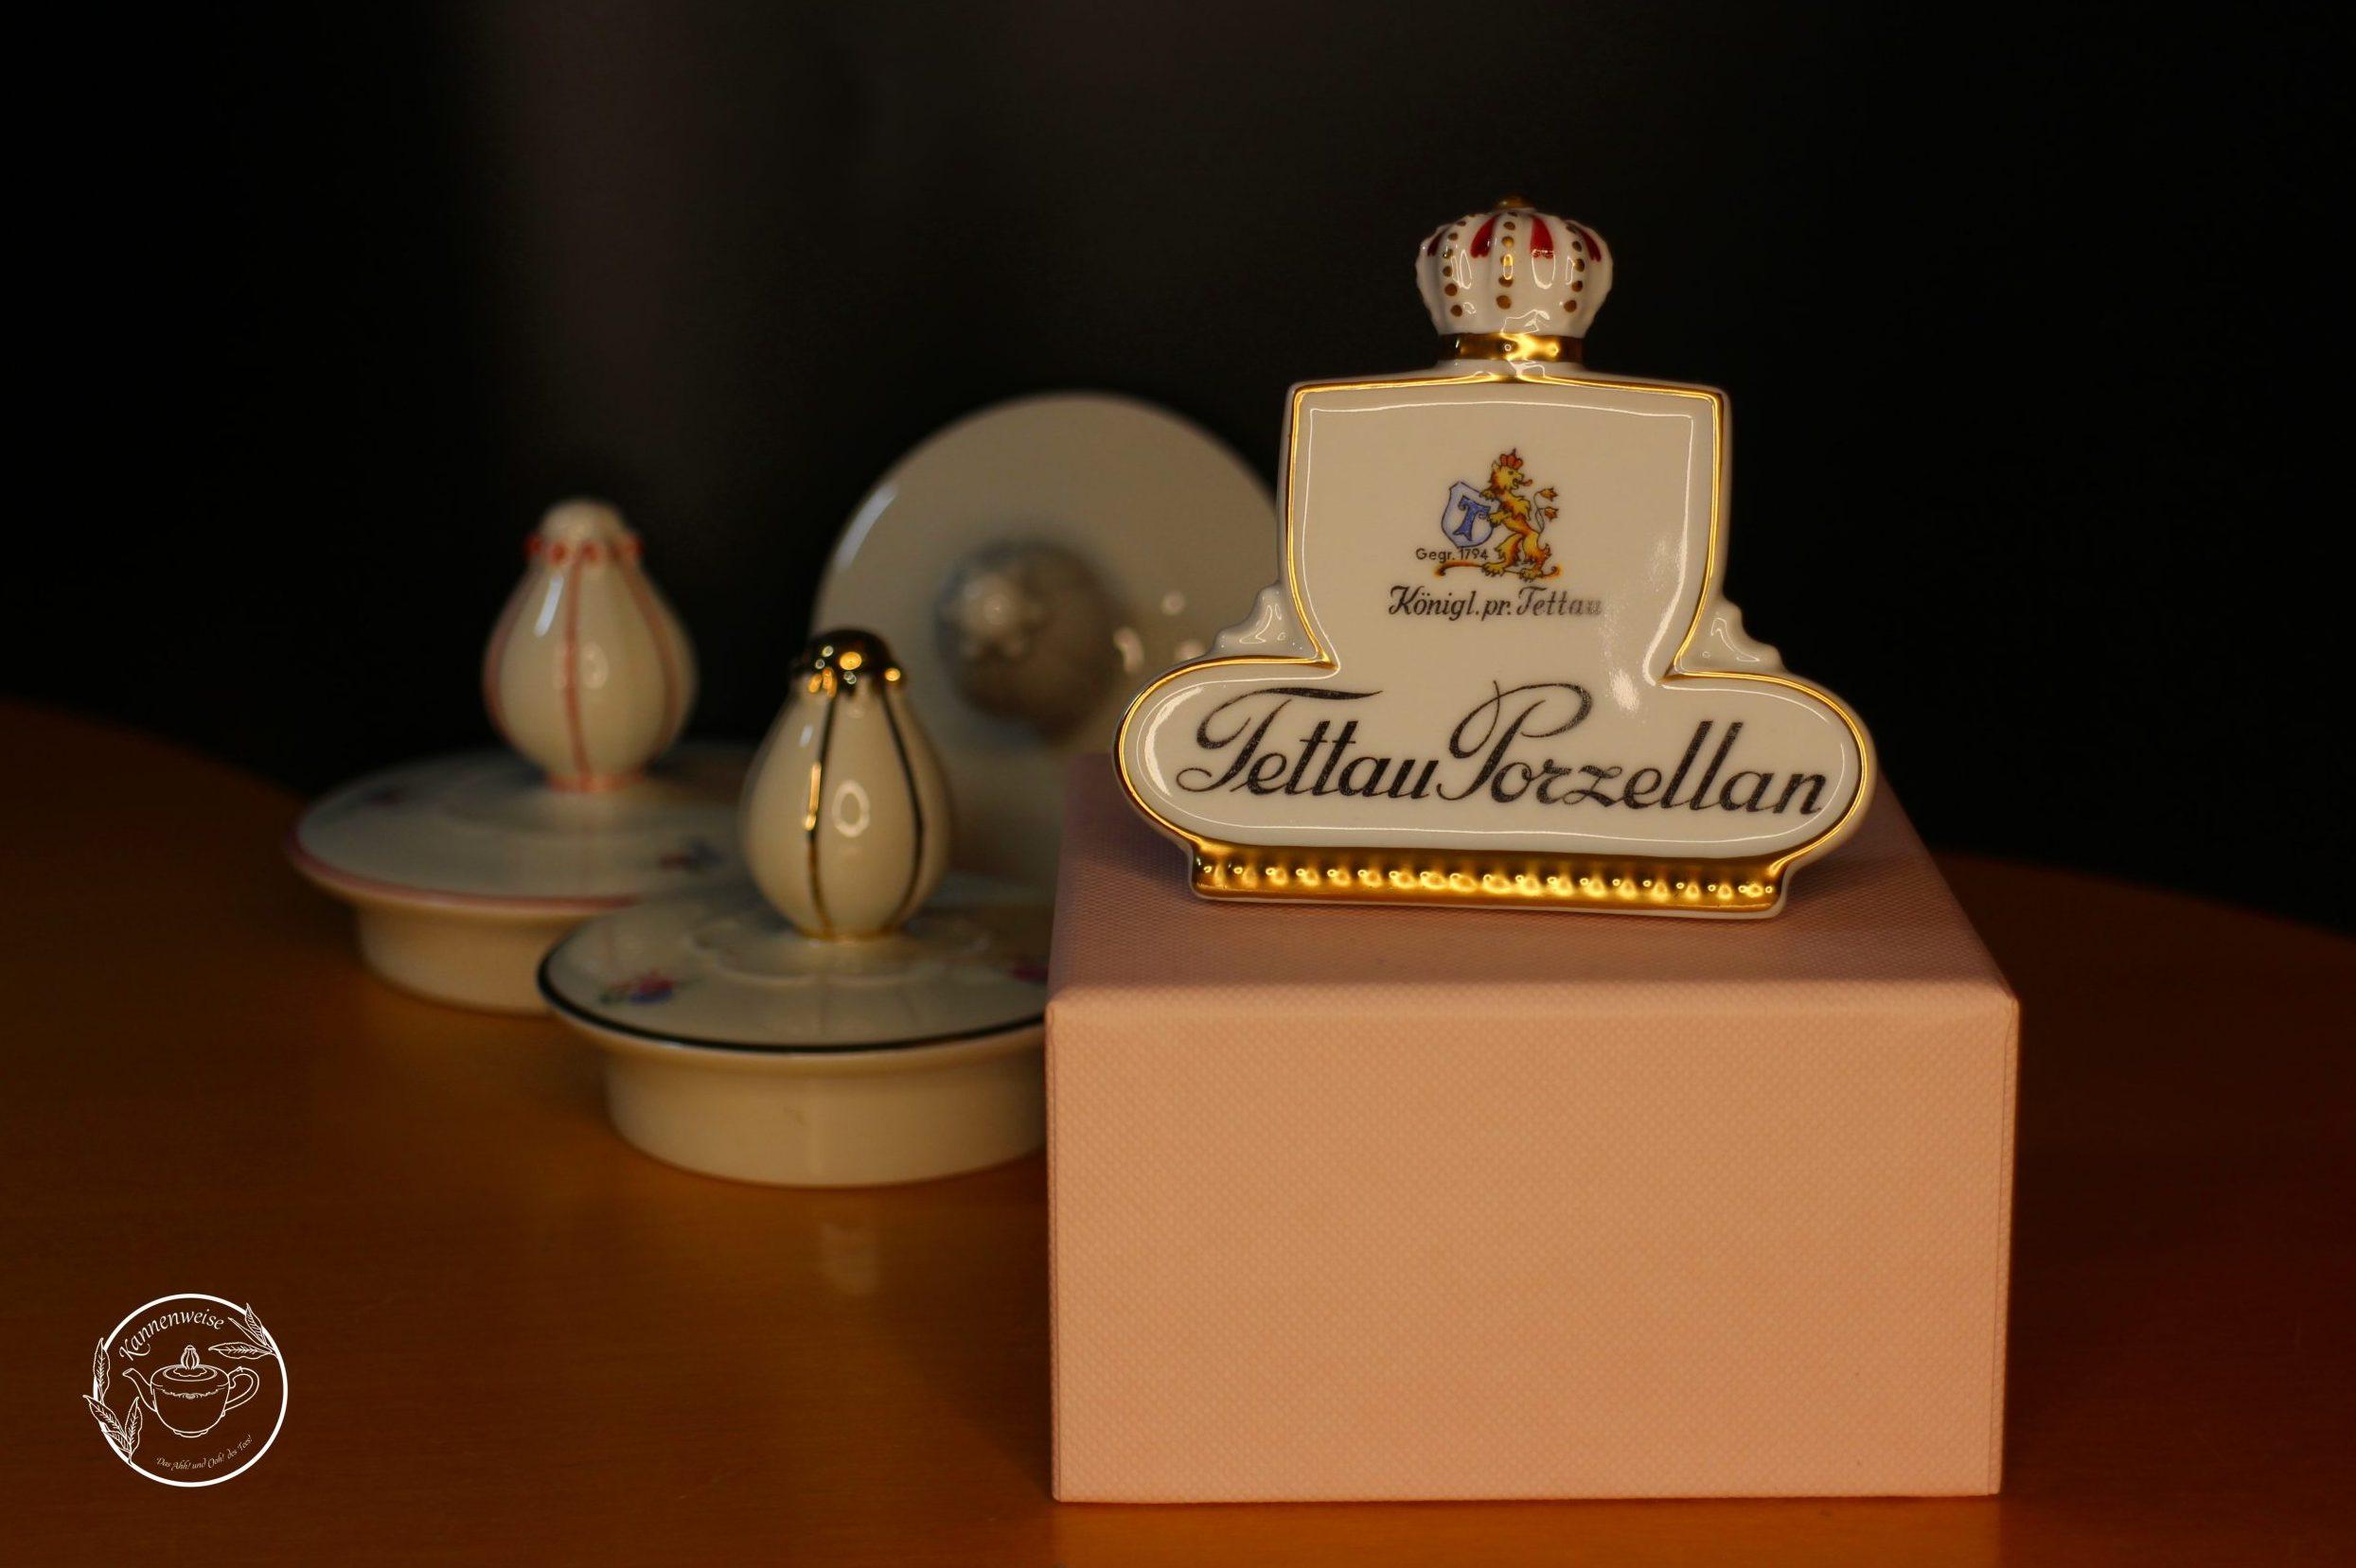 Königlich privilegierte Porzellanfabrik Tettau